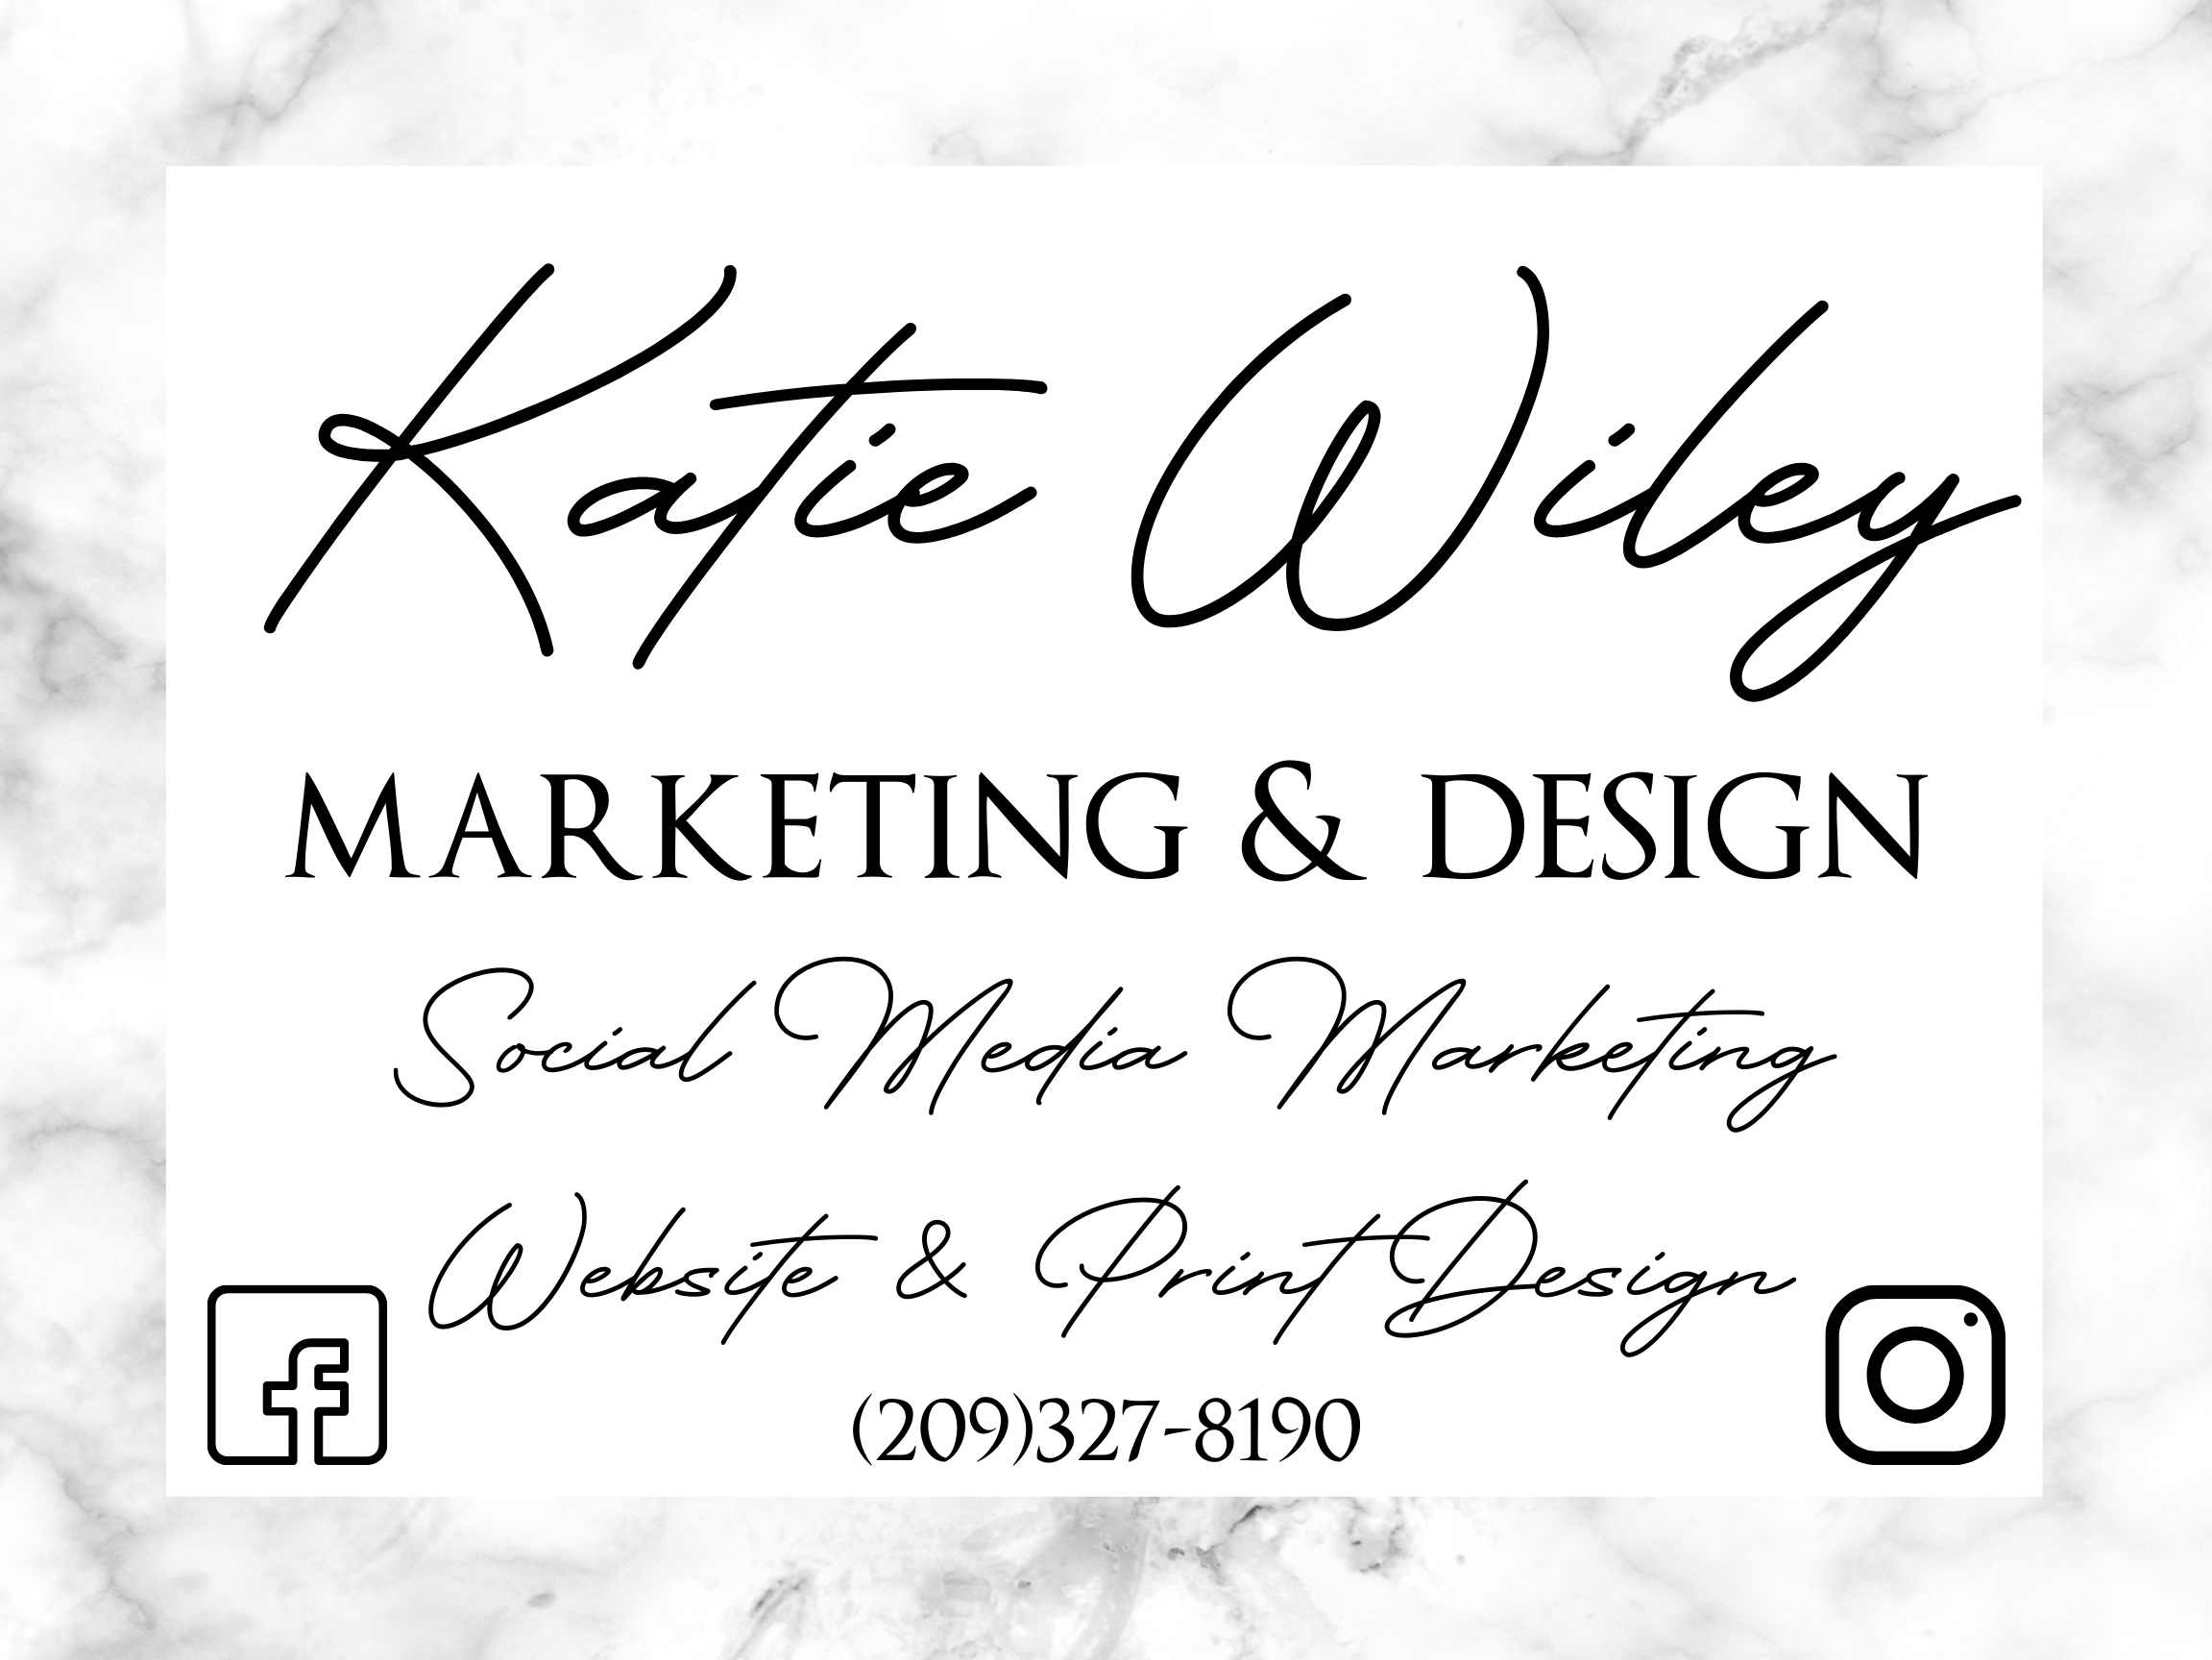 Katie Wiley Marketing & Design logo - August 17, 2021